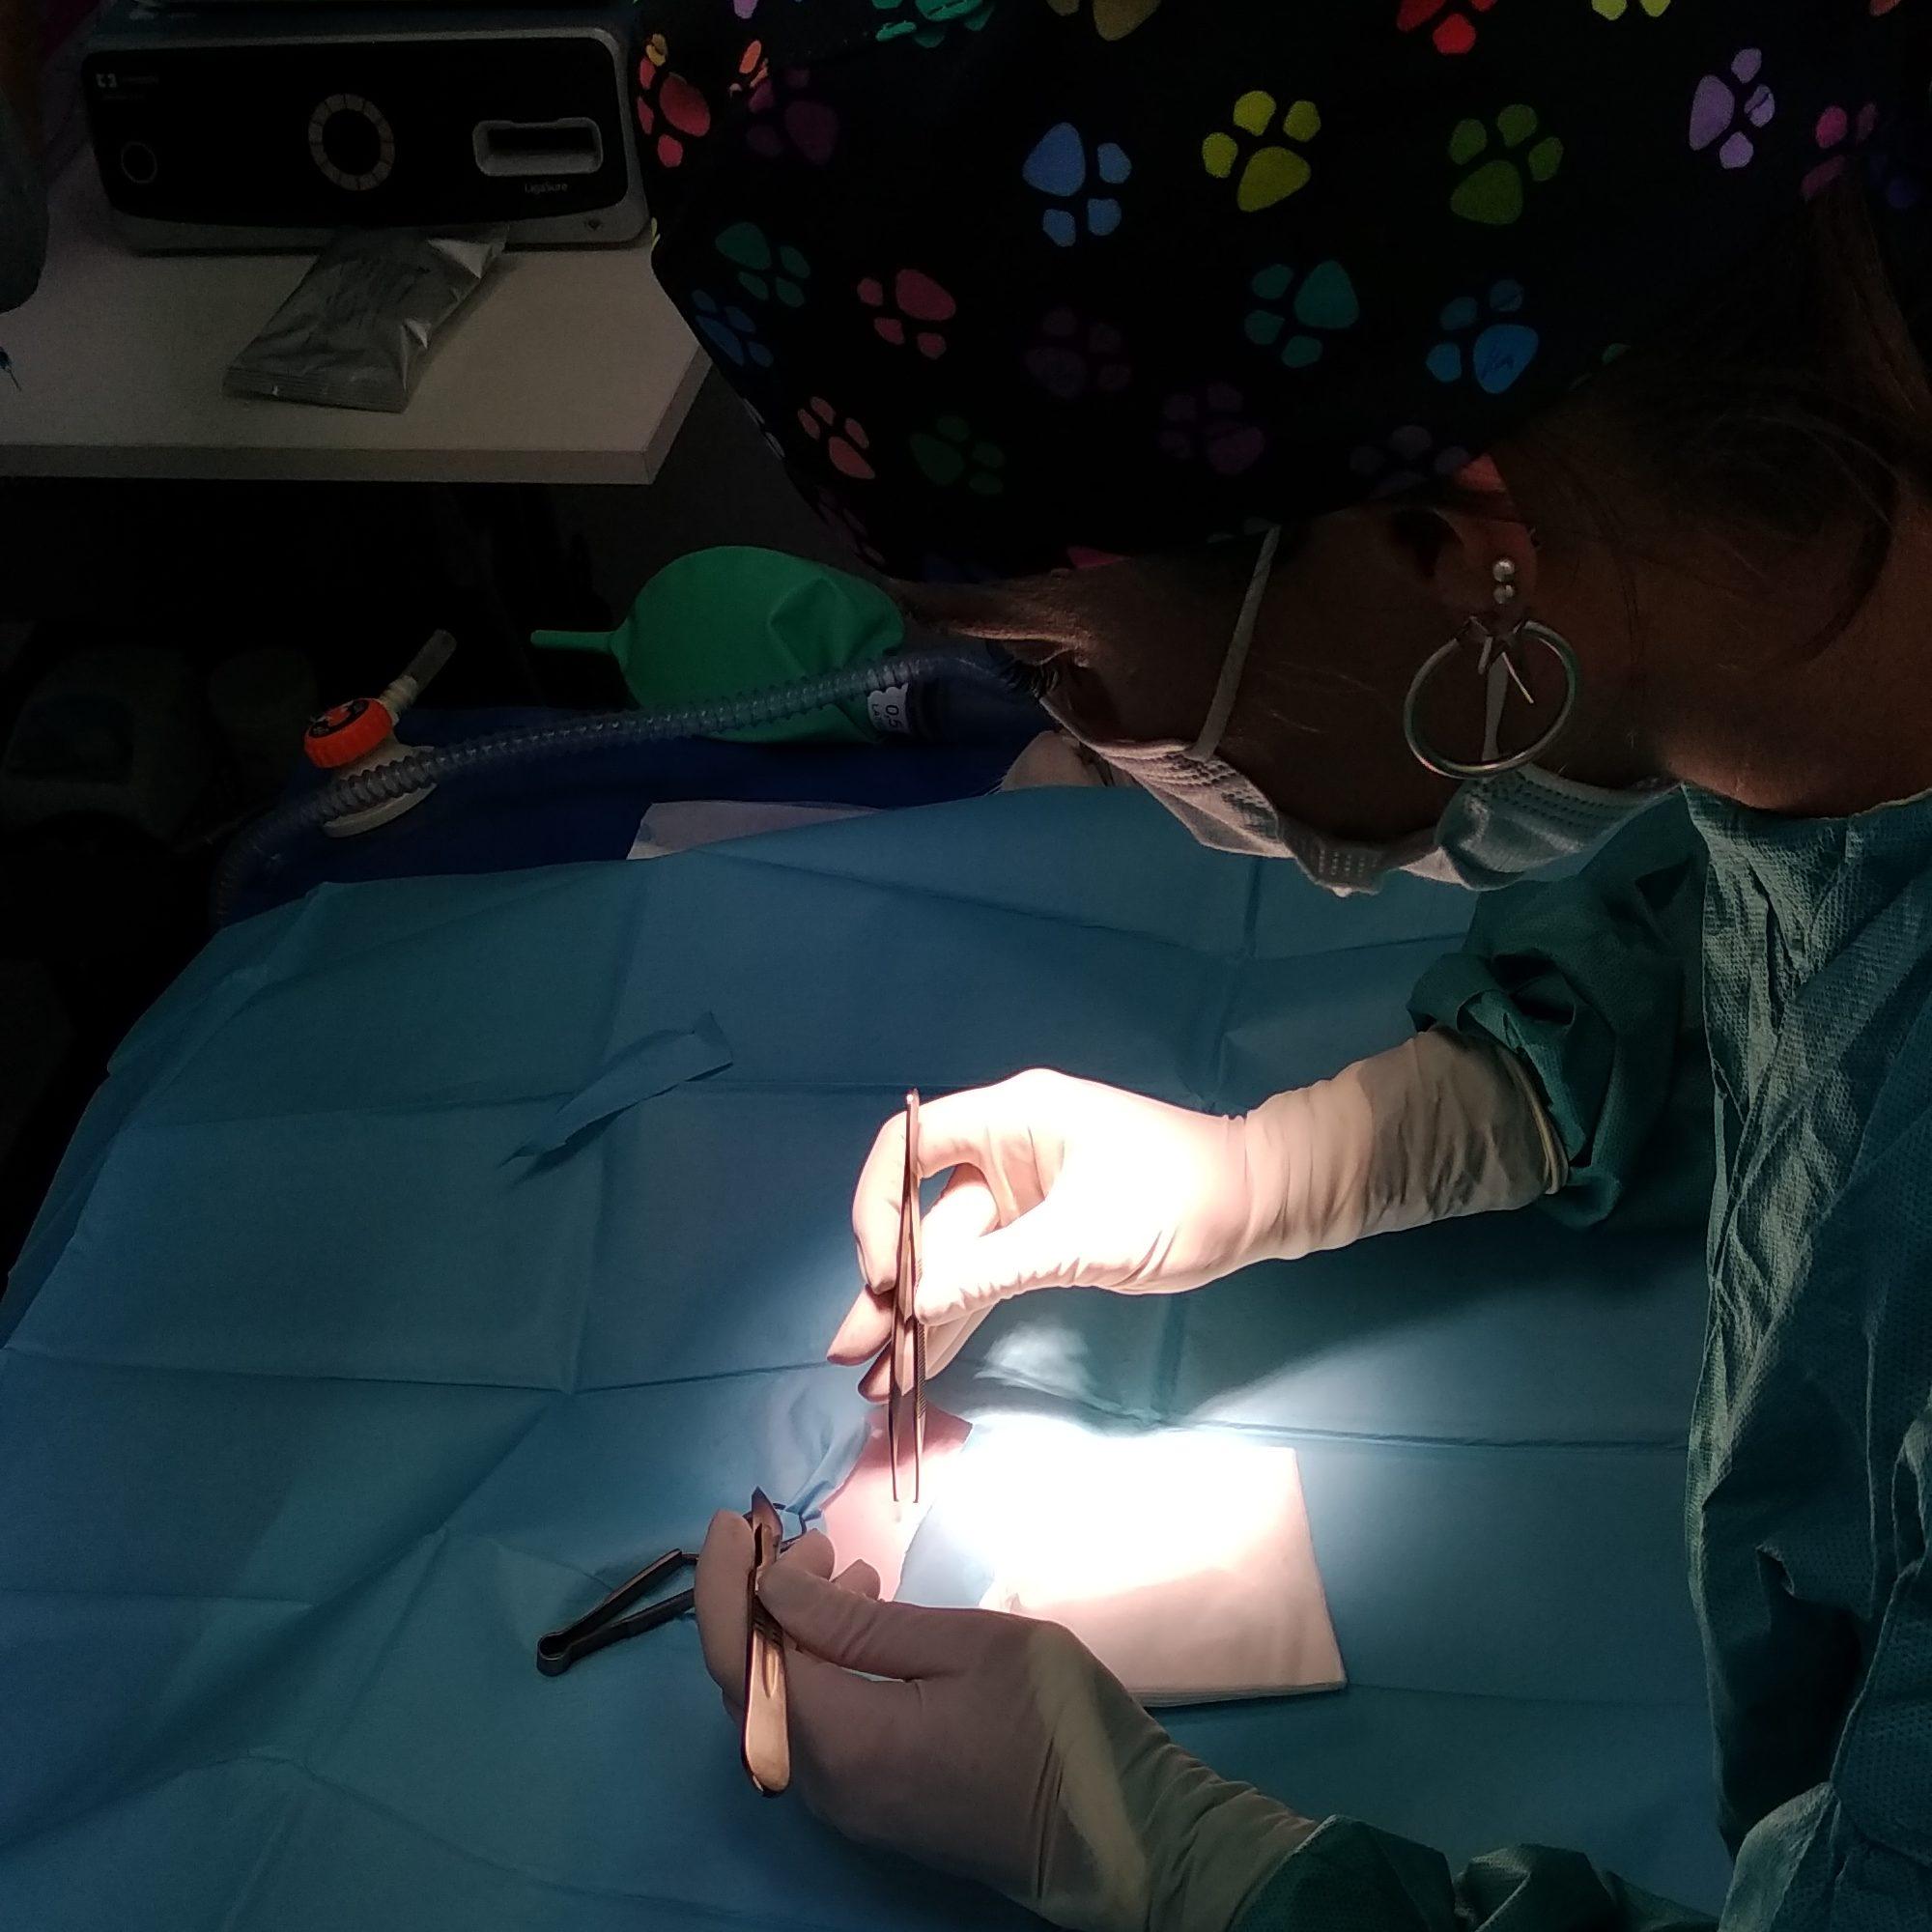 Imagen del quirófano durante una castración de una gata de 5 meses y medio de edad por nuestra veterinaria especializada en cirugía.